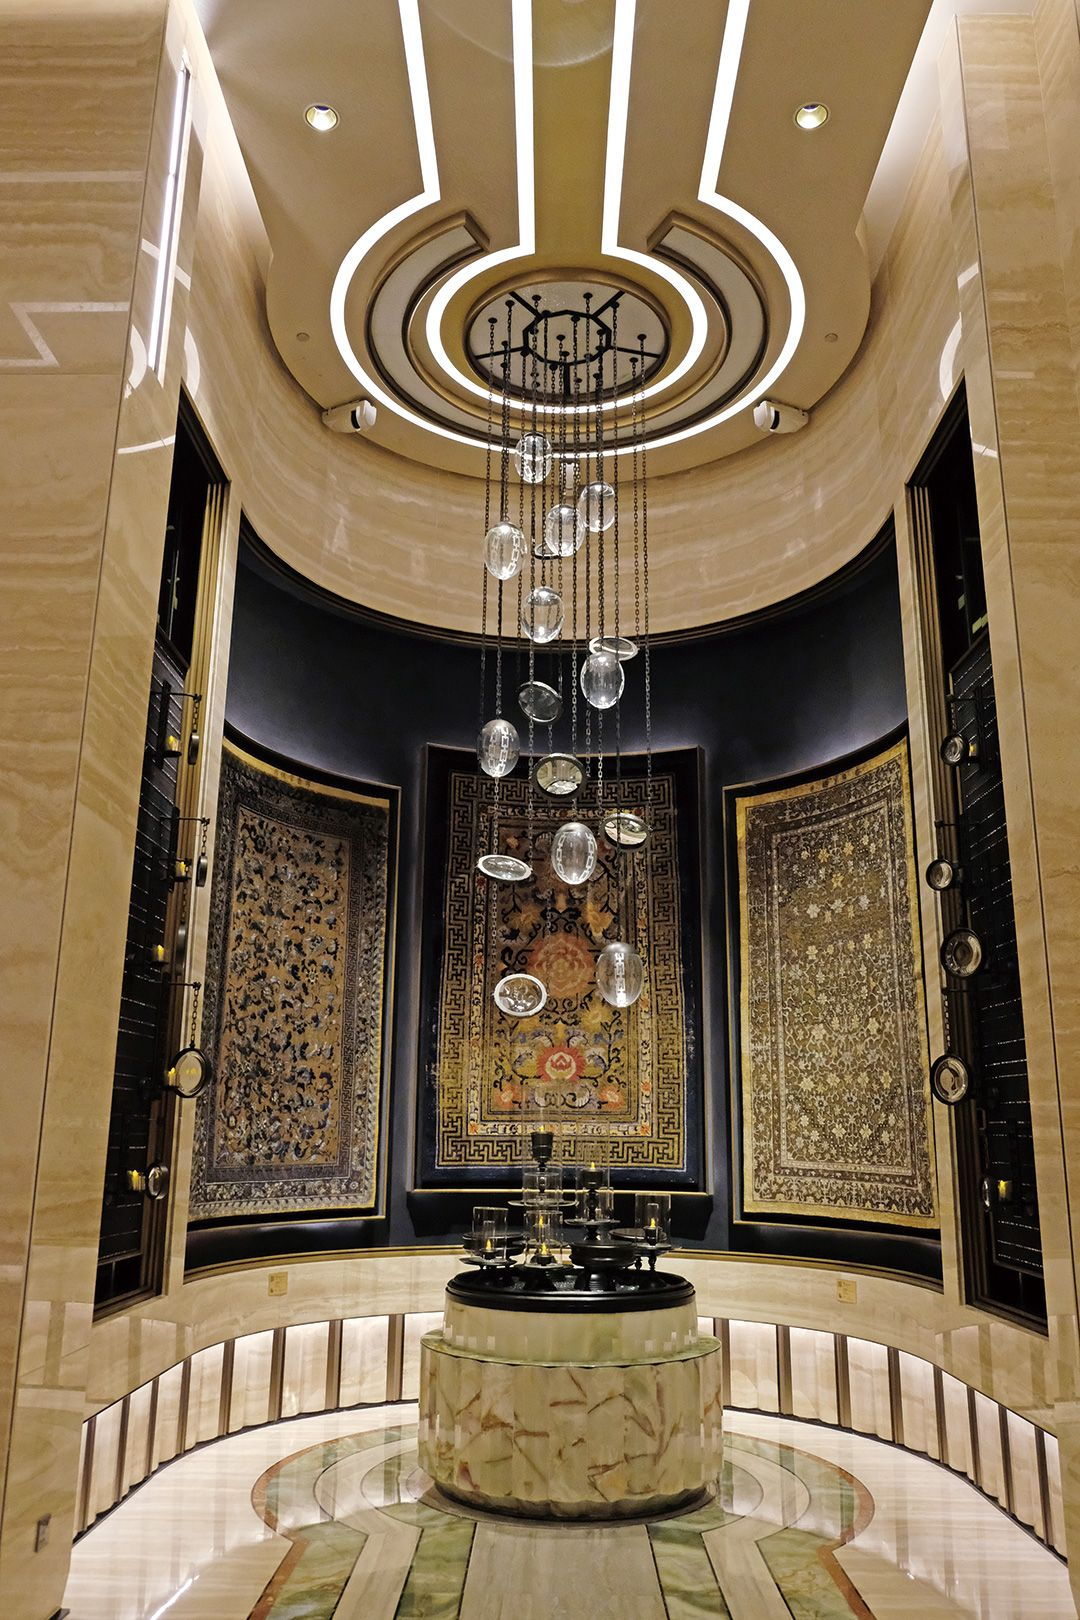 「美獅美高梅」酒店 今隆重開幕